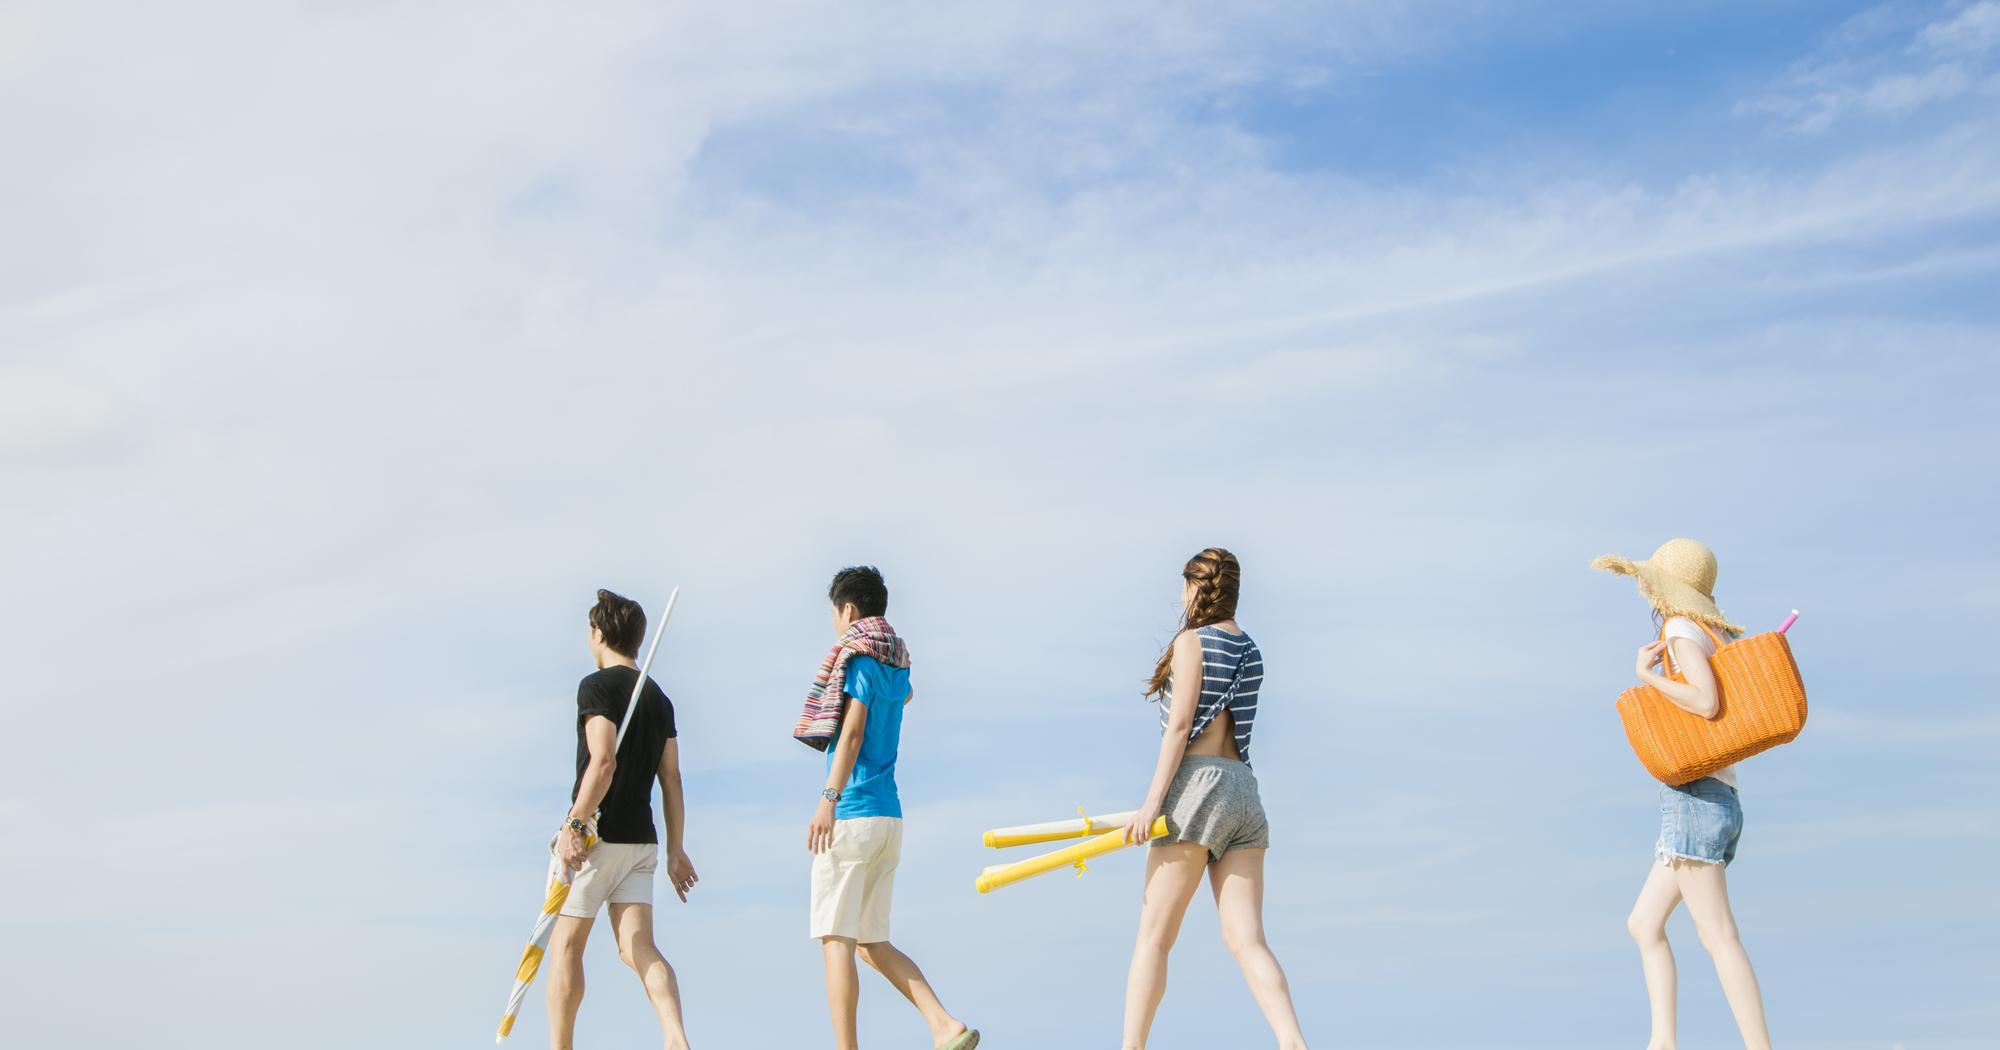 「リゾートバイトの休日は何してる?」リゾバ経験者が教える5つの過し方